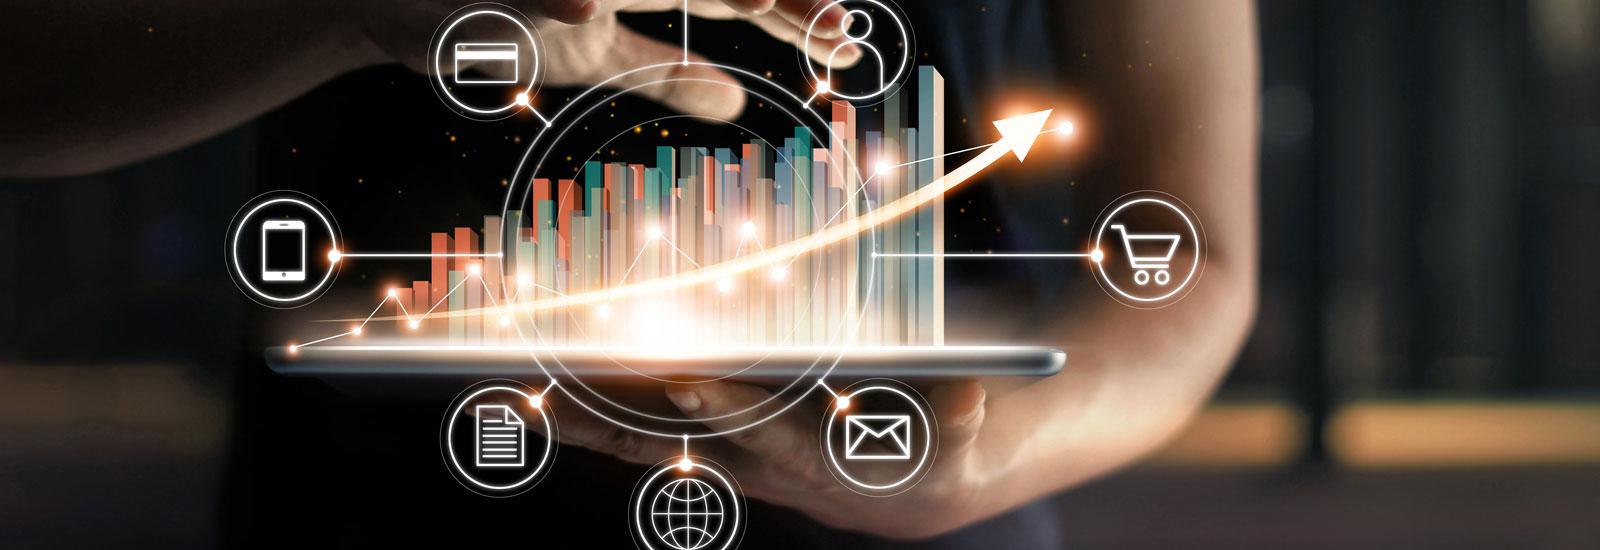 Virtuelle Statistik auf Tablet gehalten von Mann